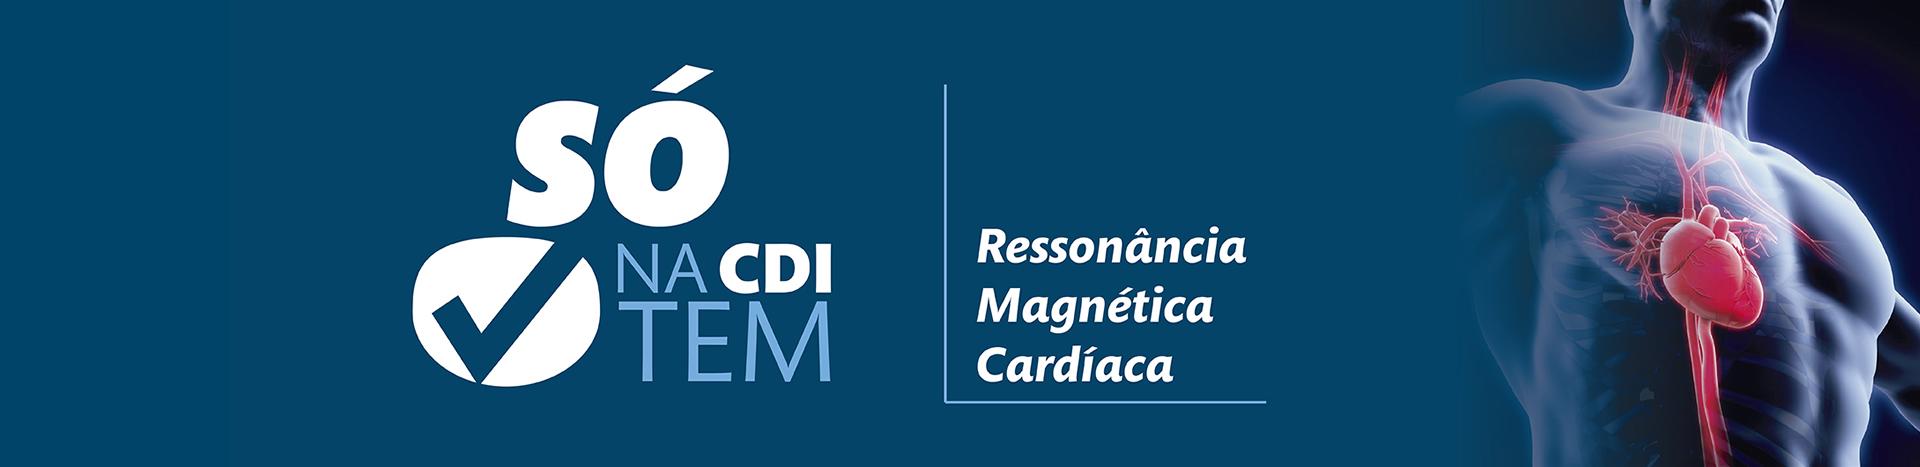 Ressonância Magnética Cardíaca